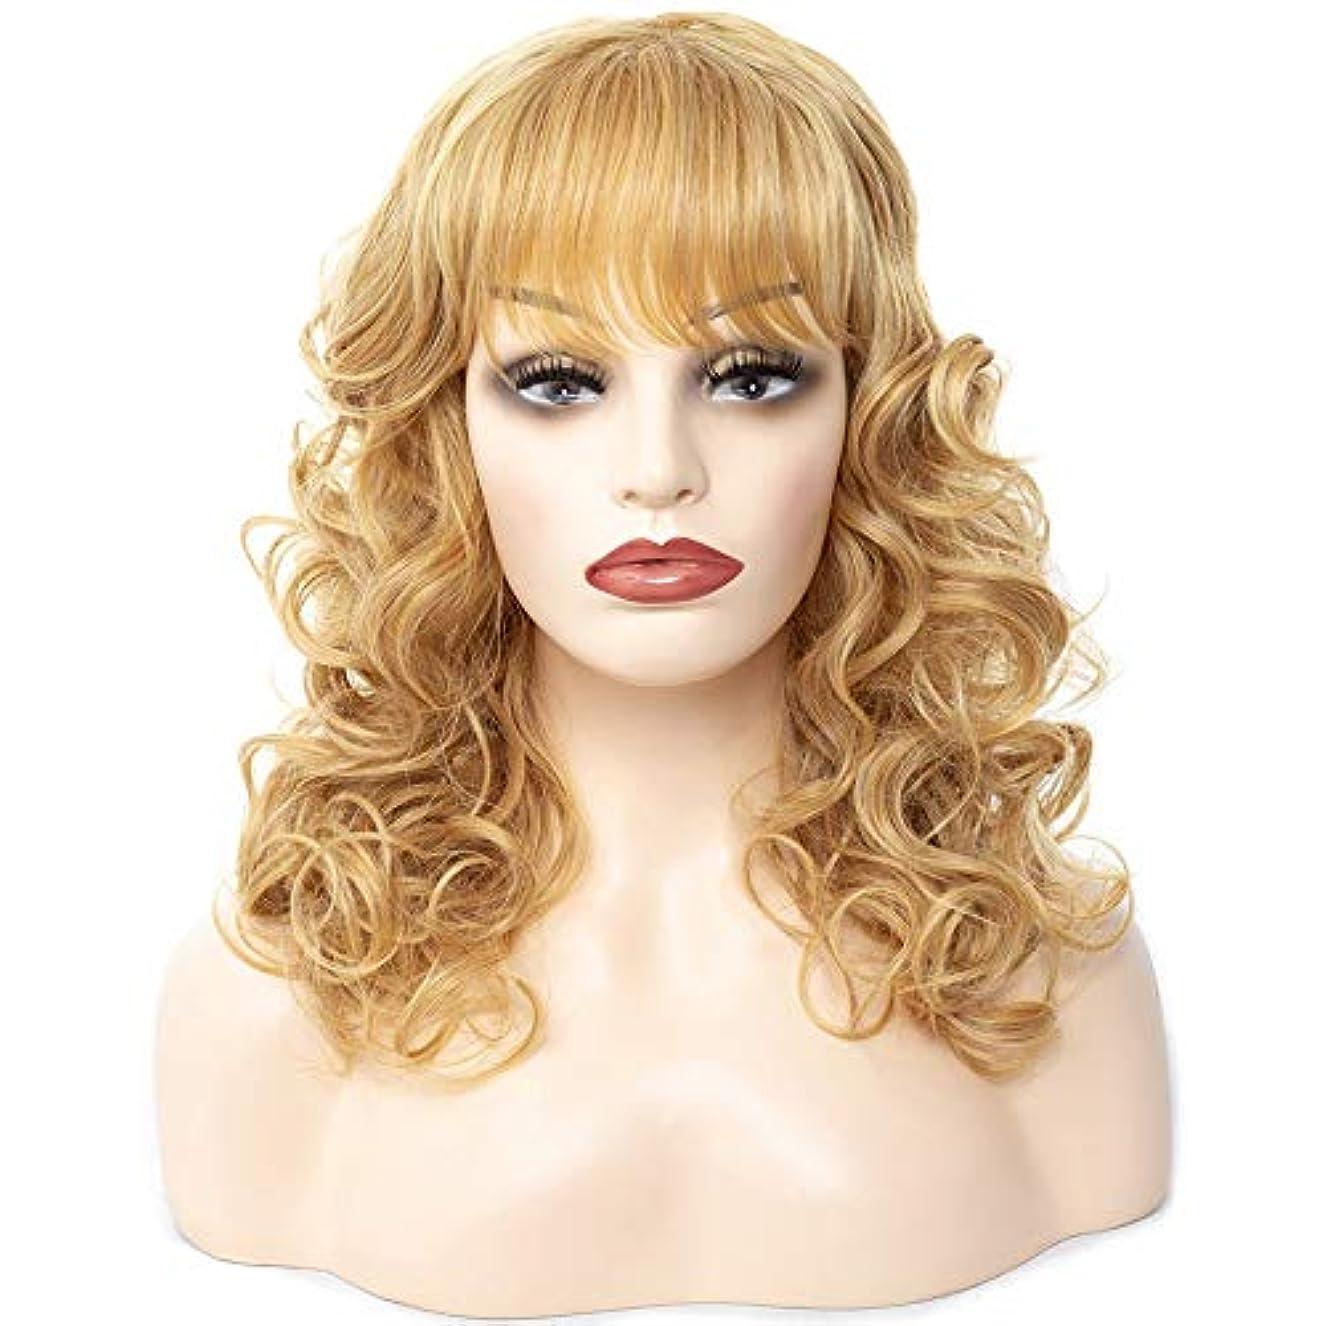 批判するペンス許されるWASAIO 髪の毛の合成かつらスタイルの交換女性、コスプレ衣装または毎日の黄色の長い巻き毛のかつらアクセサリー (色 : イエロー, サイズ : 45cm)